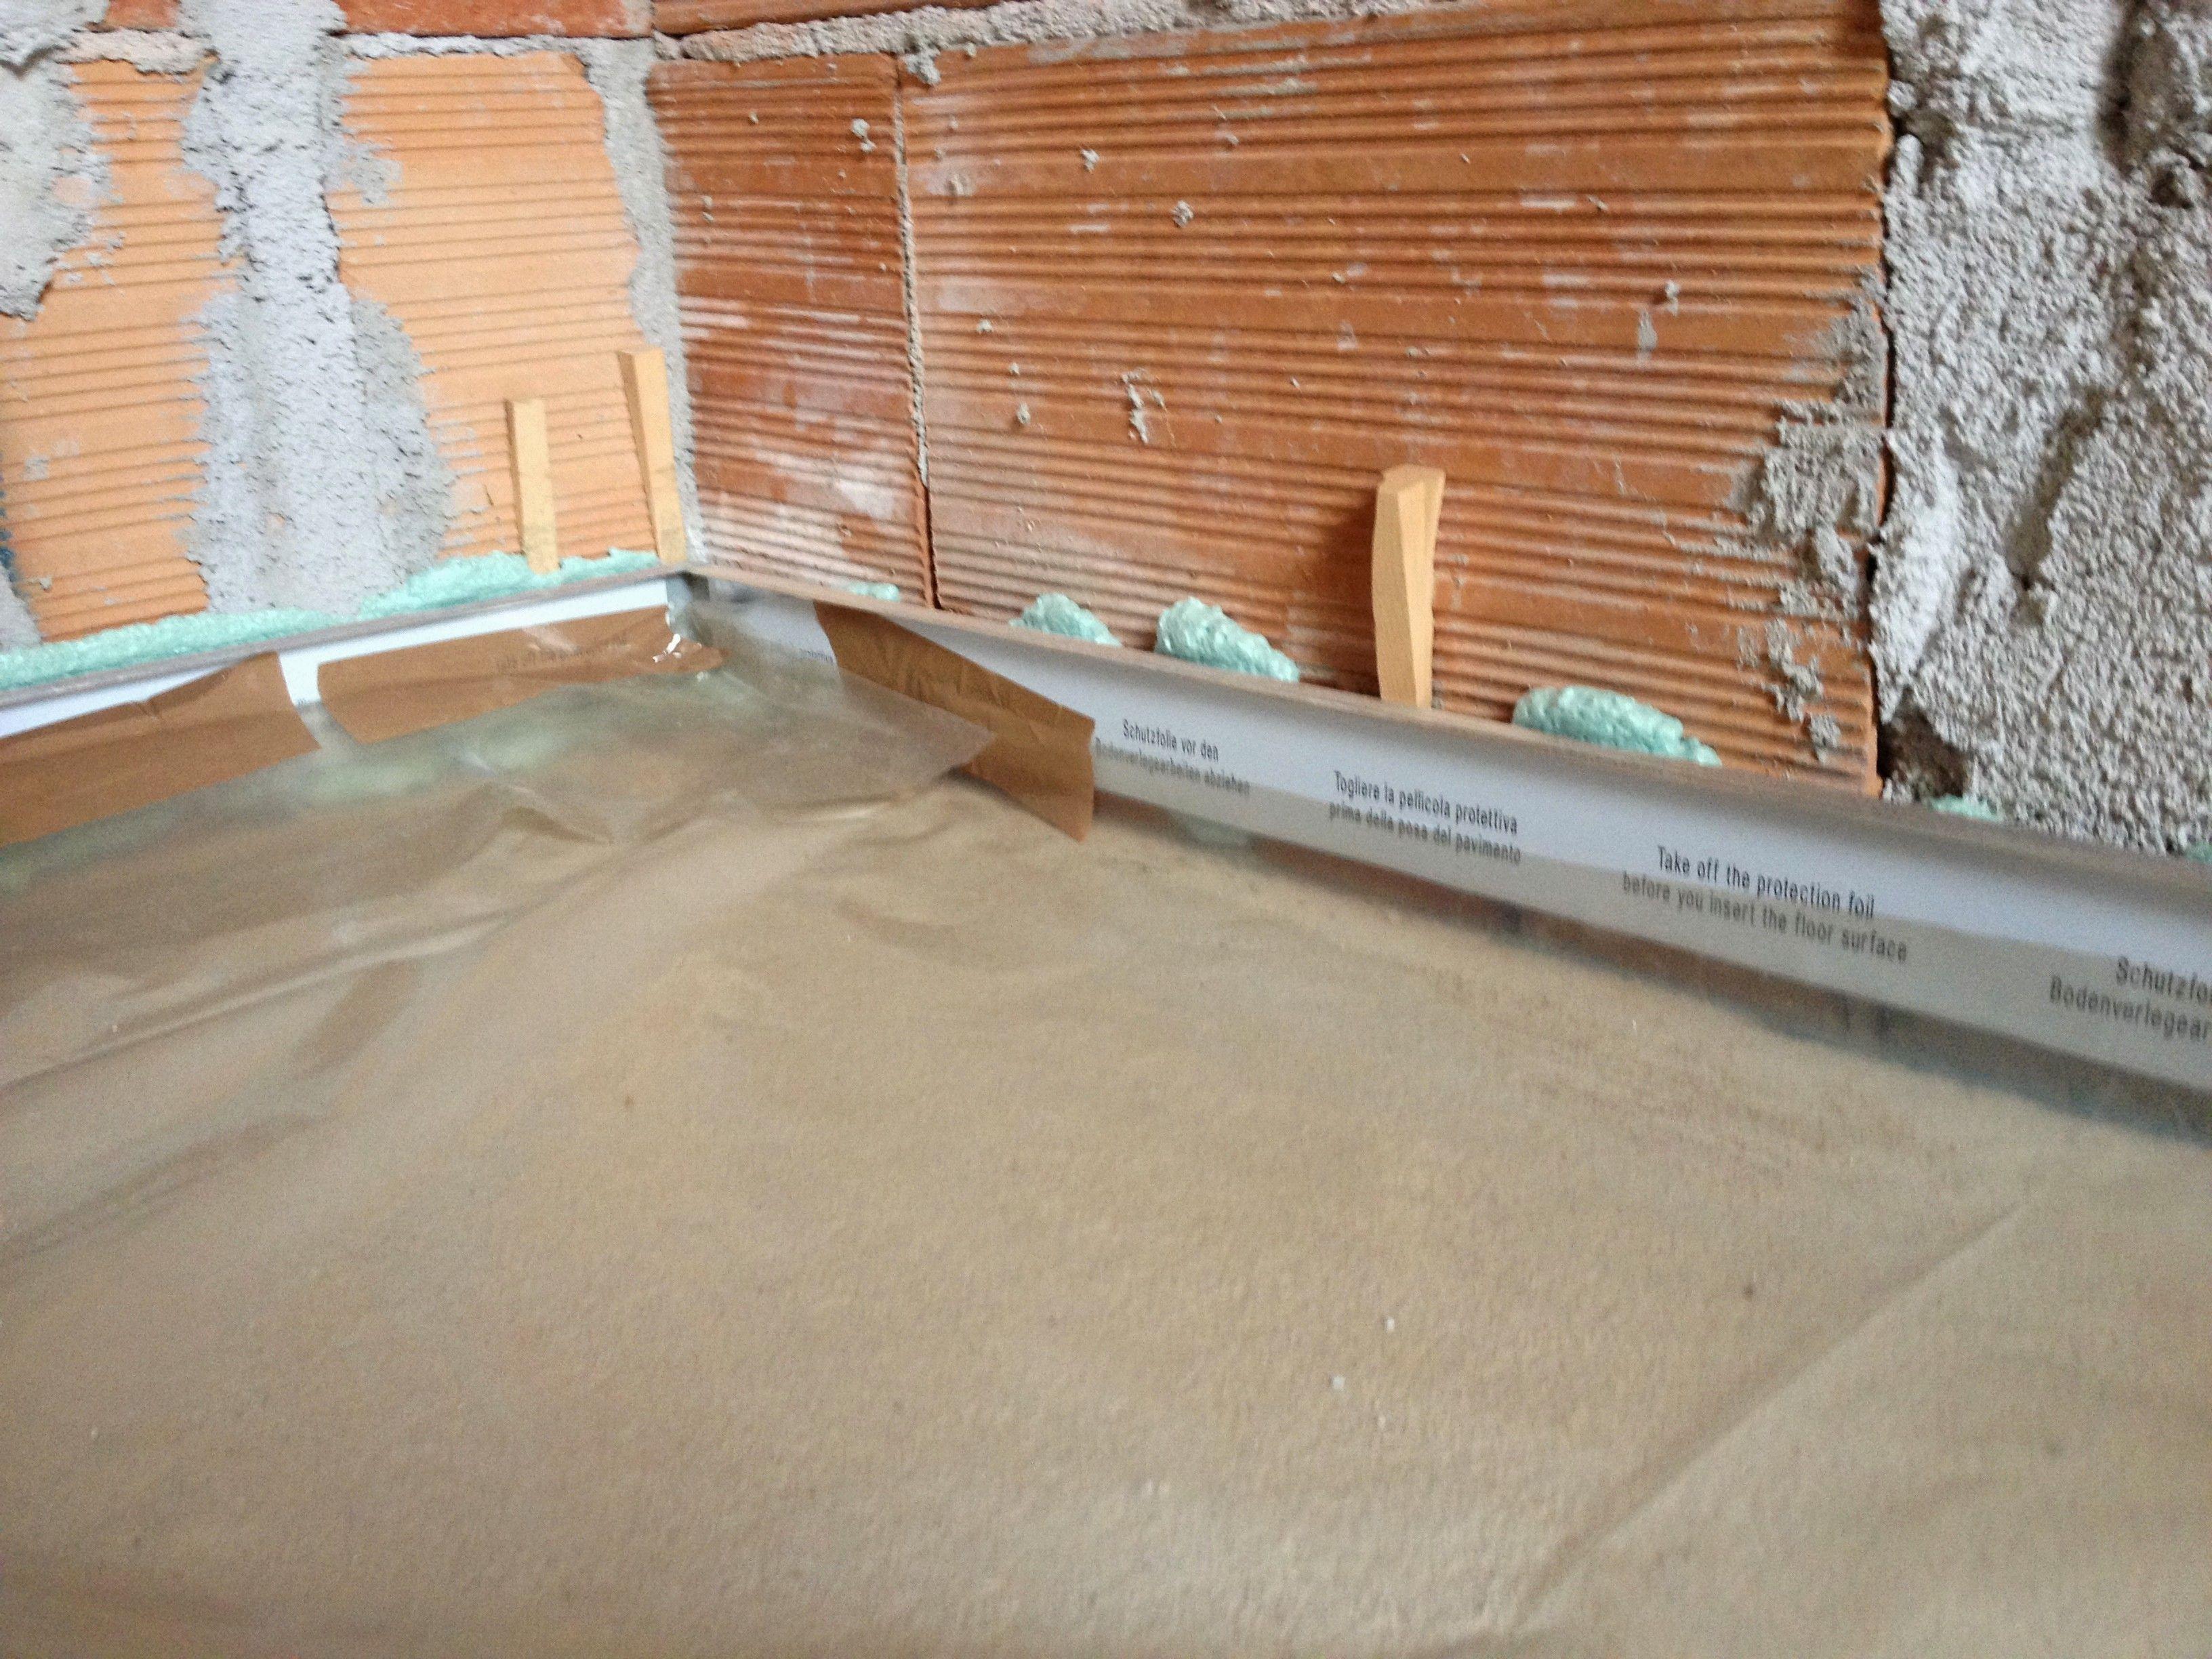 Ags systems battiscopa filo muro flush skirting board for Battiscopa filo muro